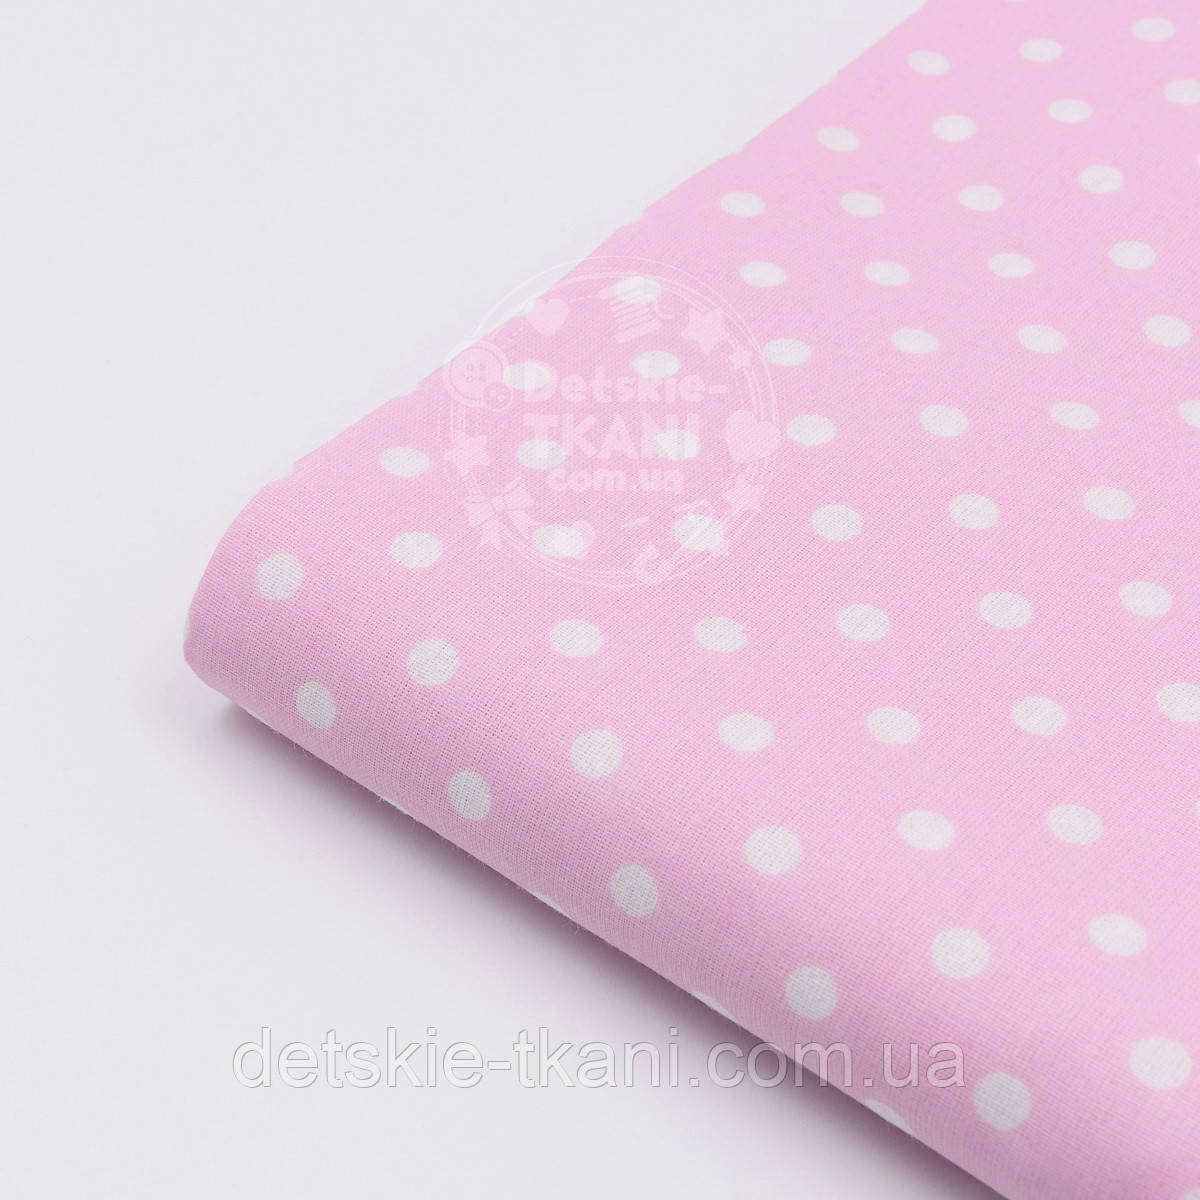 Лоскут ткани с  белым горошком 7 мм на розовом фоне № 1183